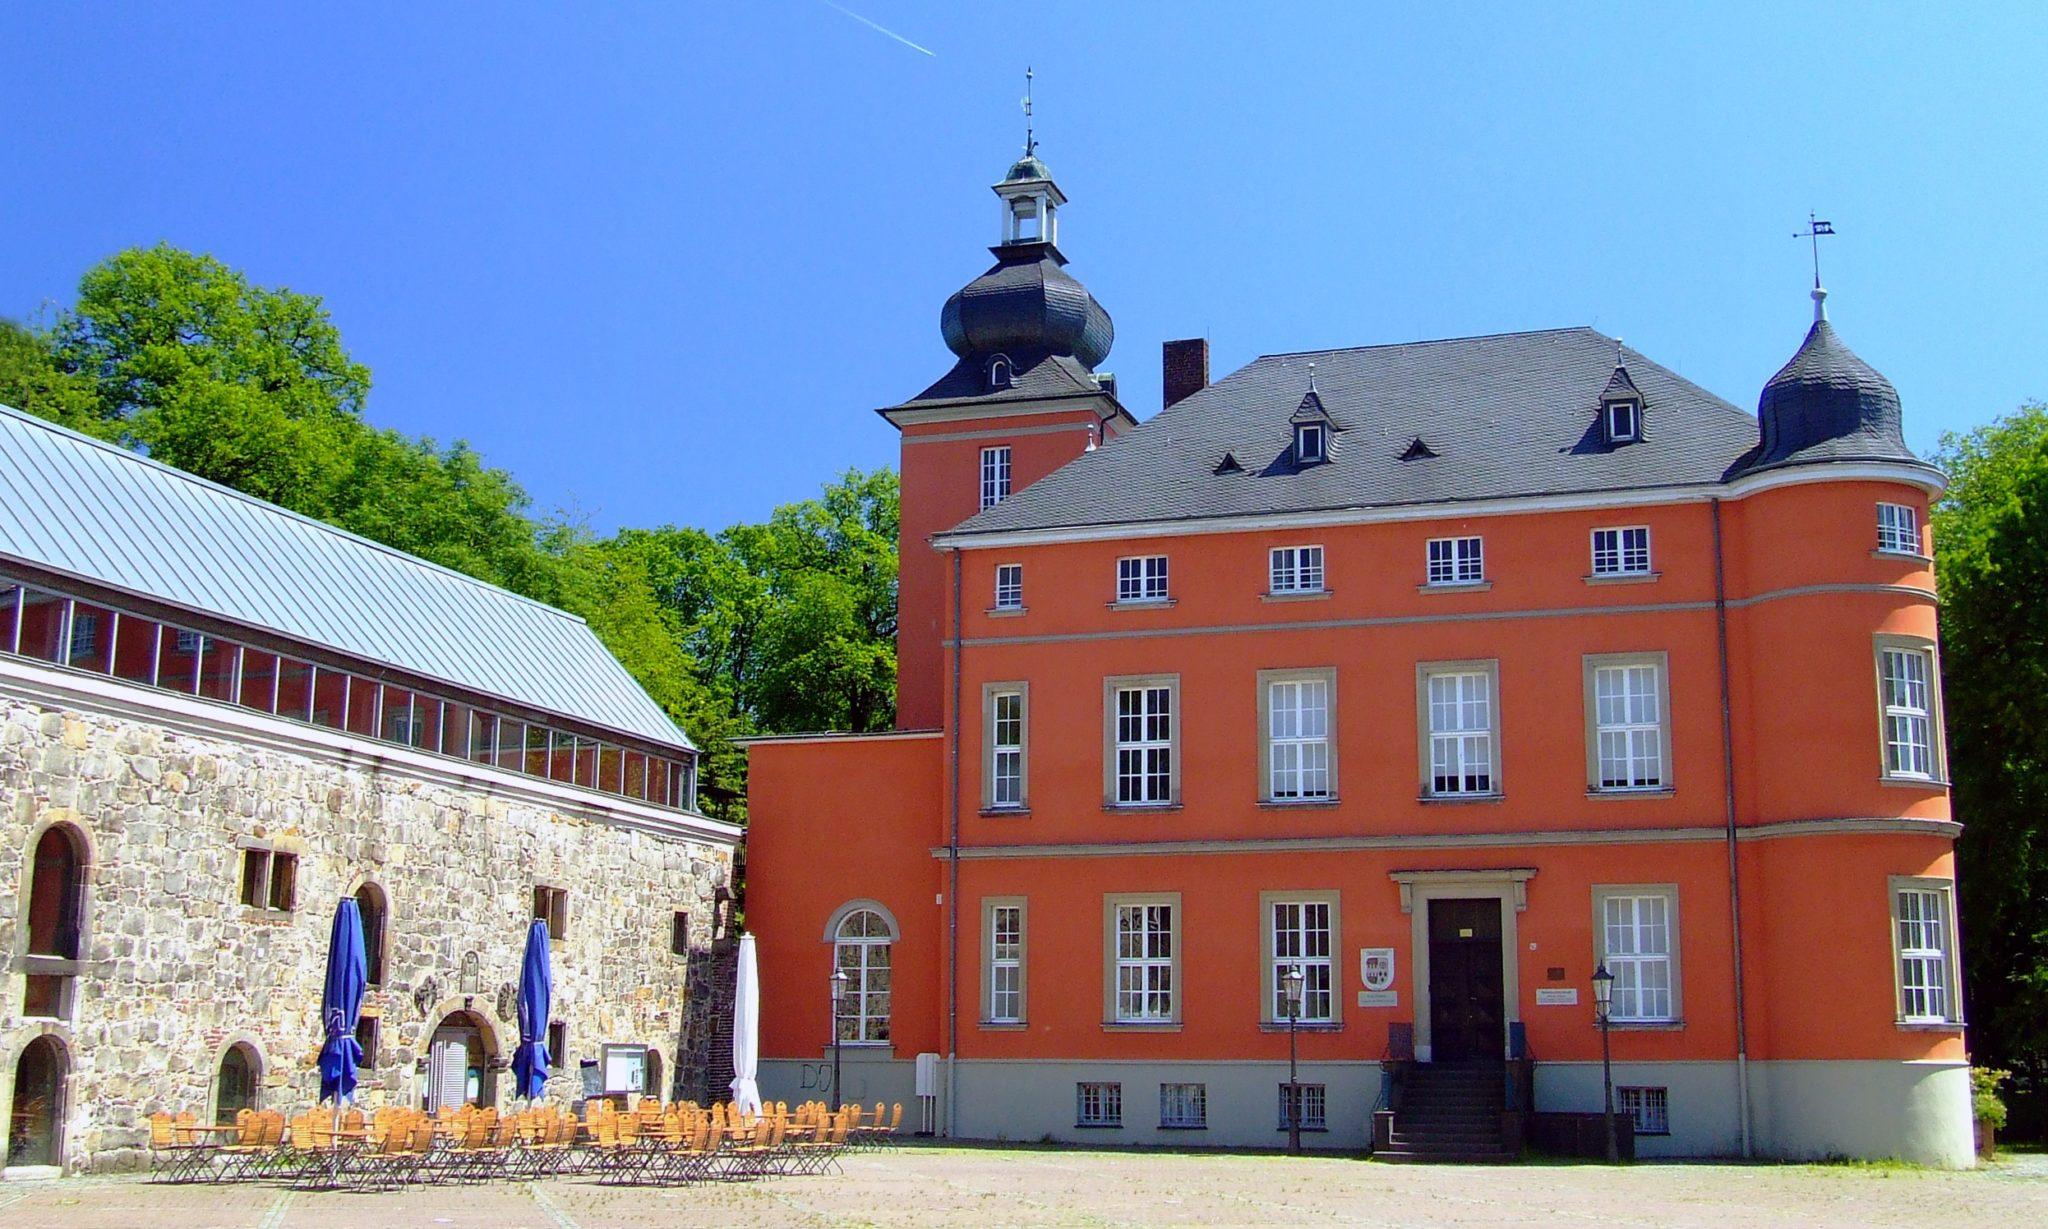 Haushaltsauflösung und Entrümpelung in Troisdorf